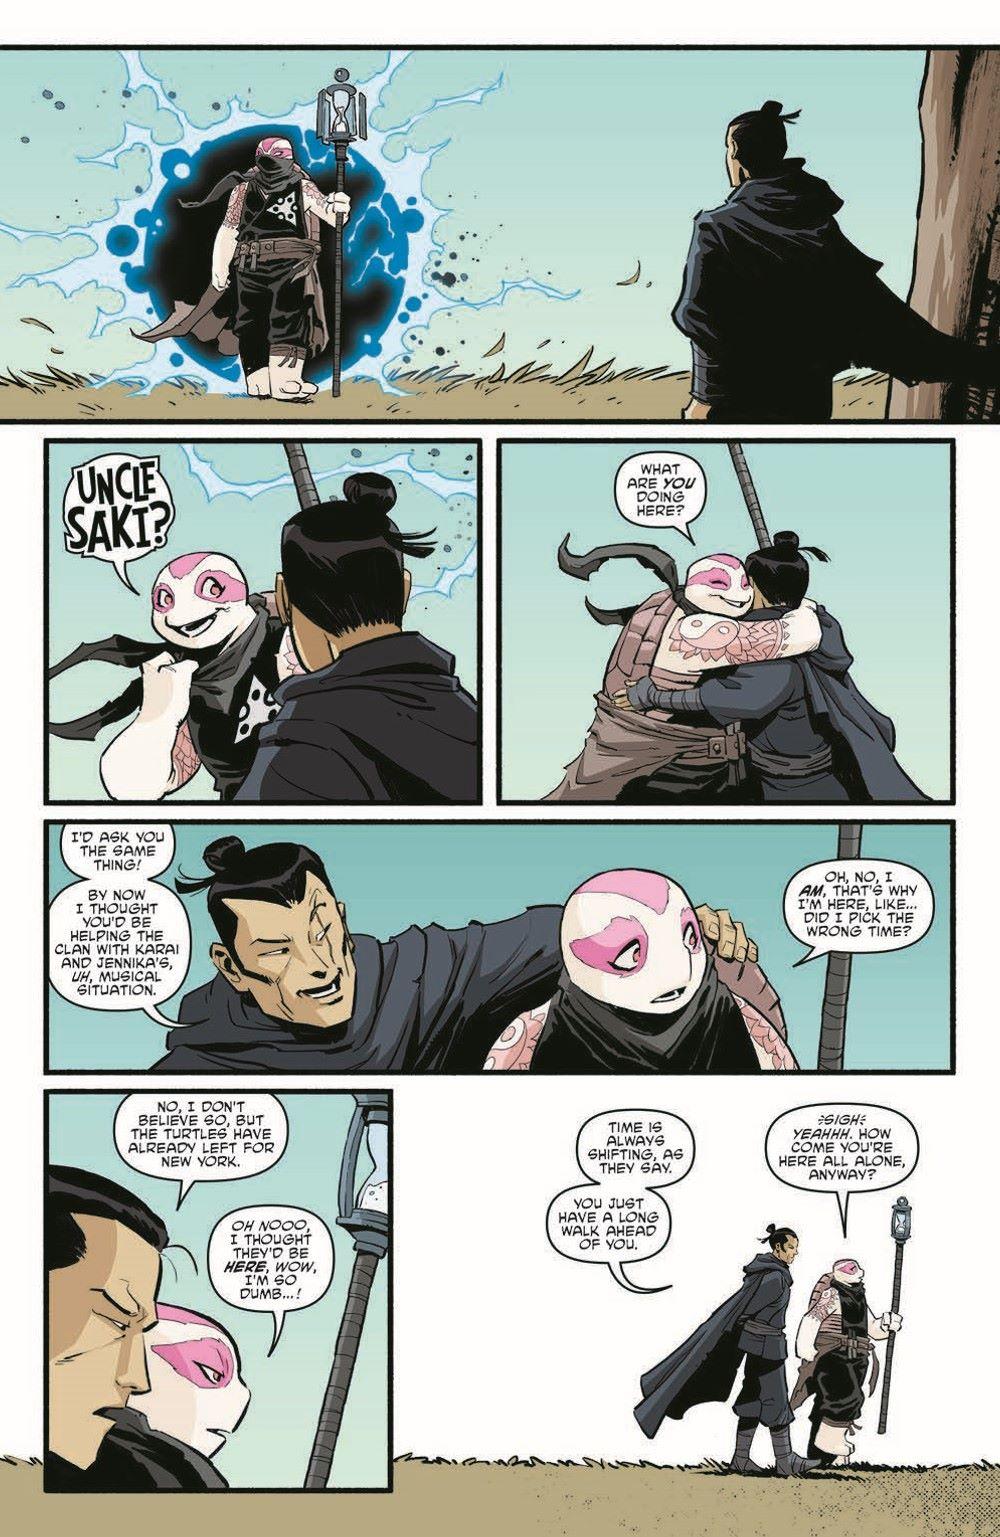 TMNT118_pr-4 ComicList Previews: TEENAGE MUTANT NINJA TURTLES #118